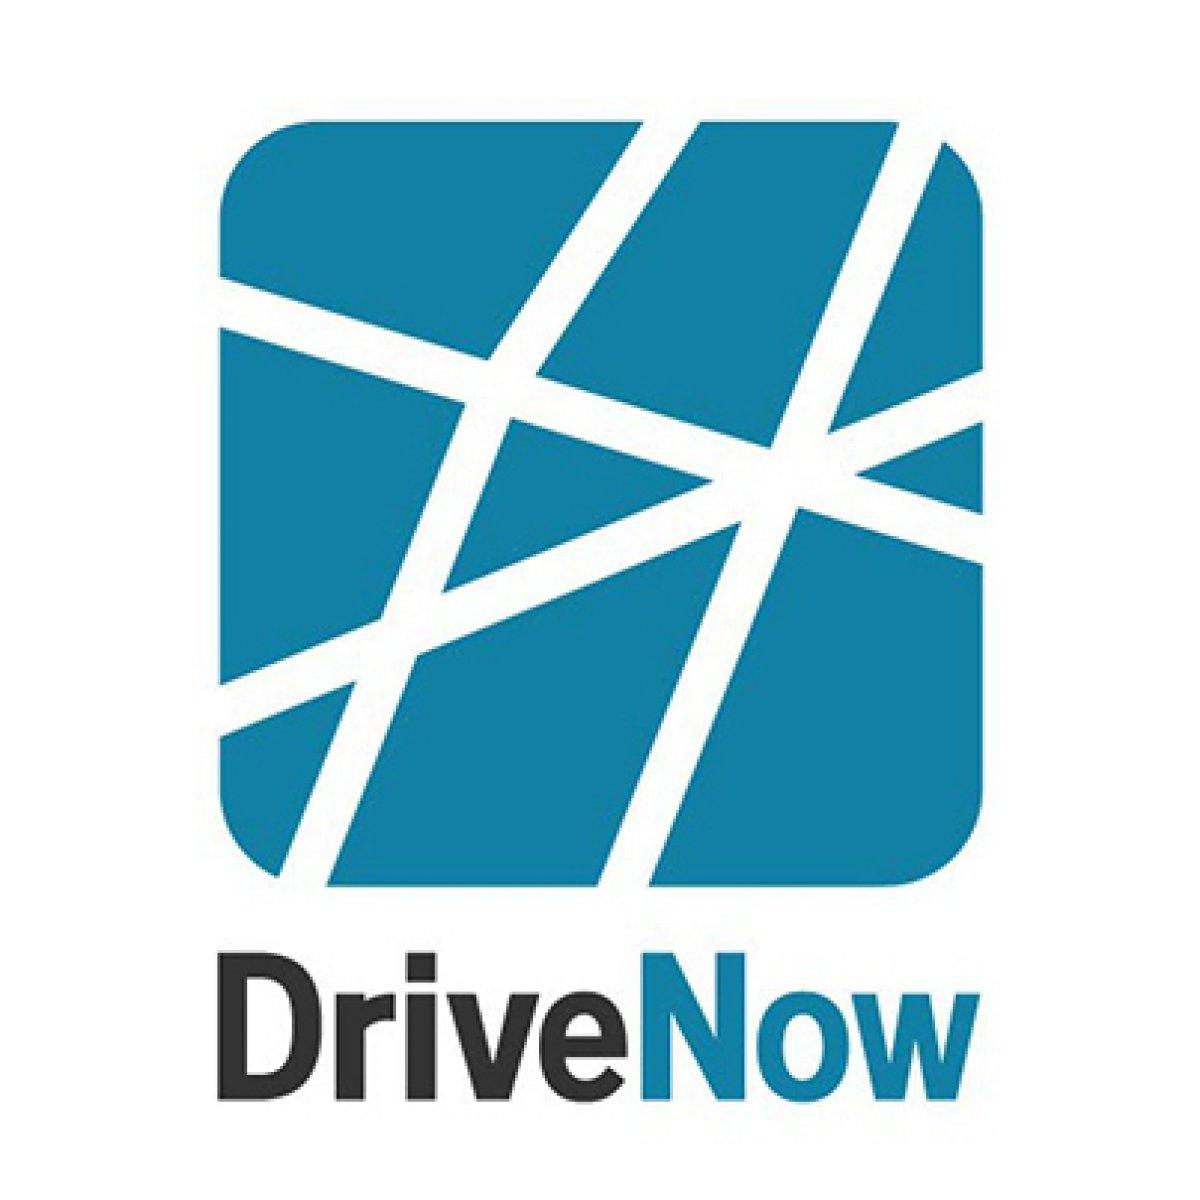 Drivenow 30 Minuten Gutschrift im September für 3 x 10 Minuten Miete im August bundesweit